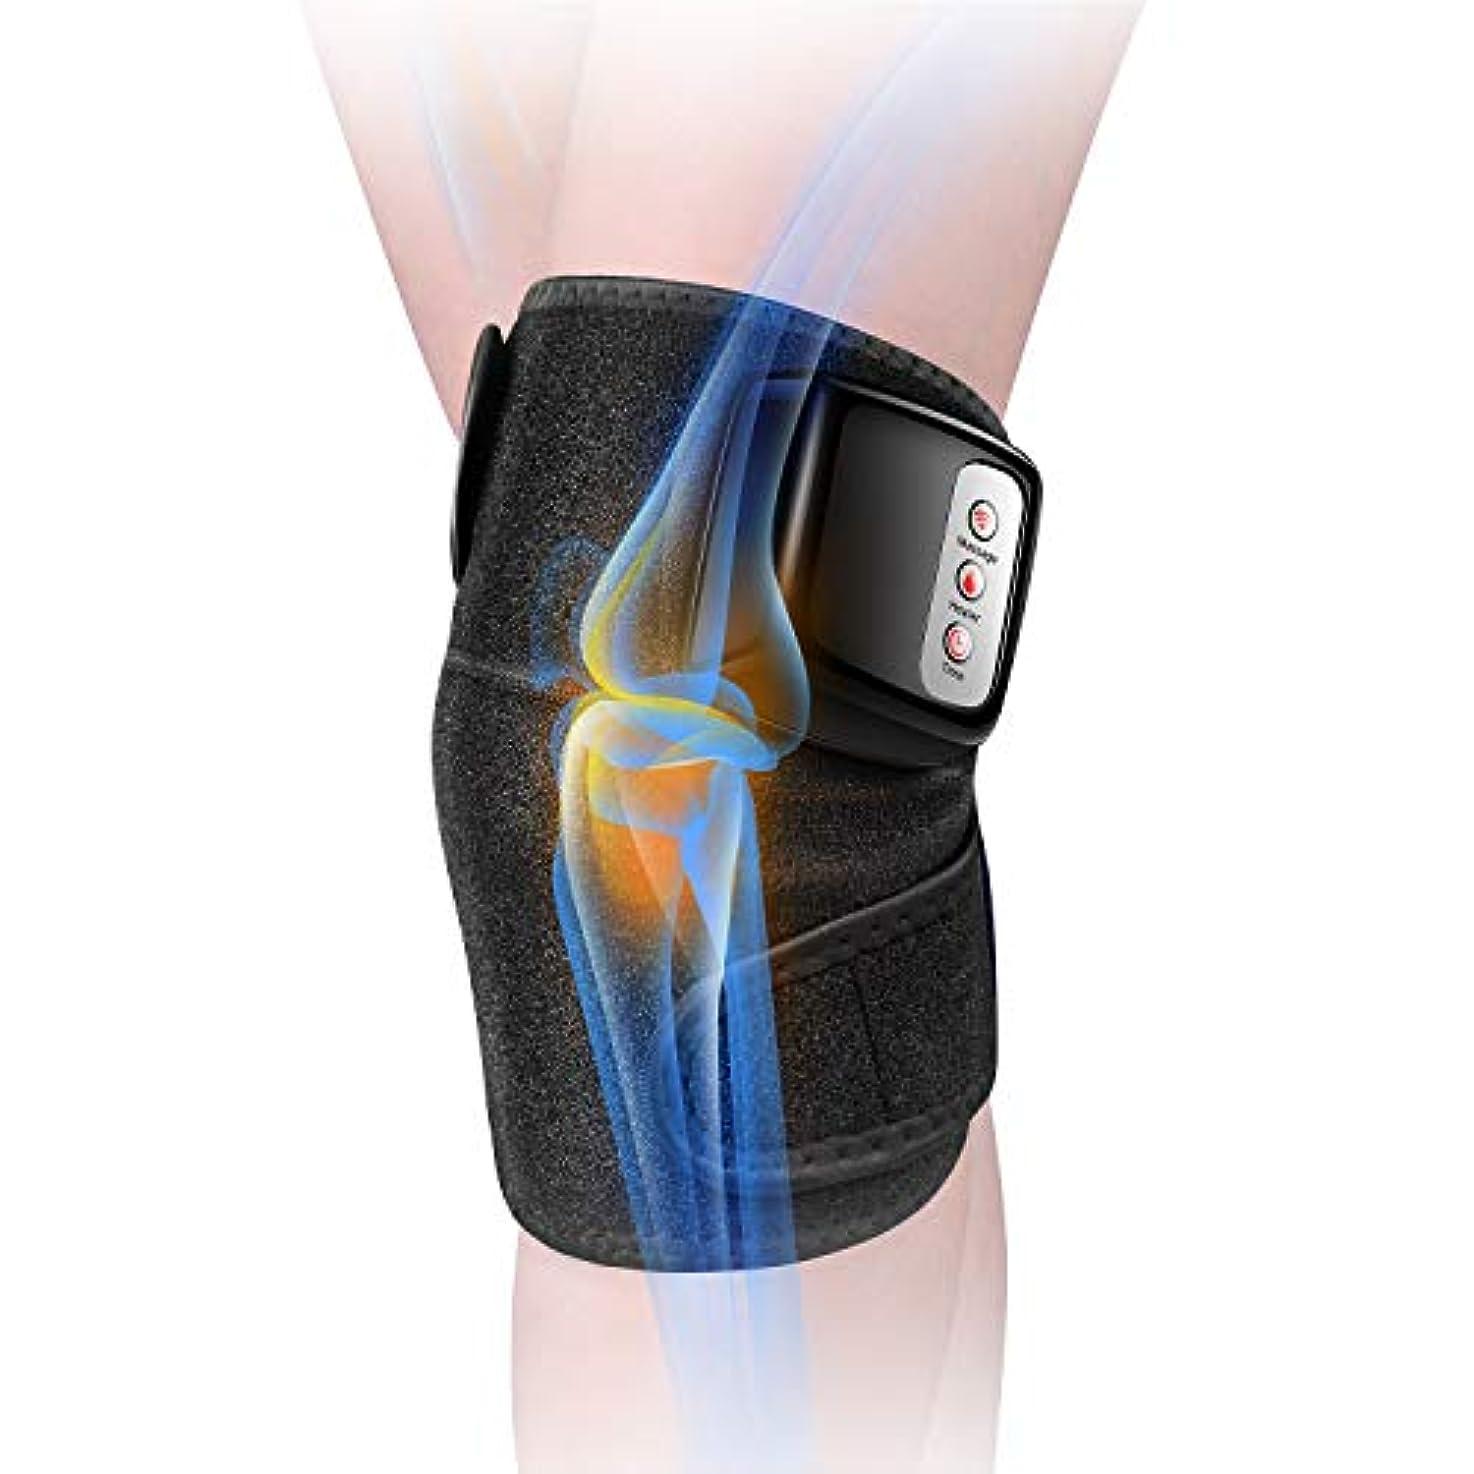 悪性熟す硬さ膝マッサージャー 関節マッサージャー マッサージ器 フットマッサージャー 振動 赤外線療法 温熱療法 膝サポーター ストレス解消 肩 太もも/腕対応